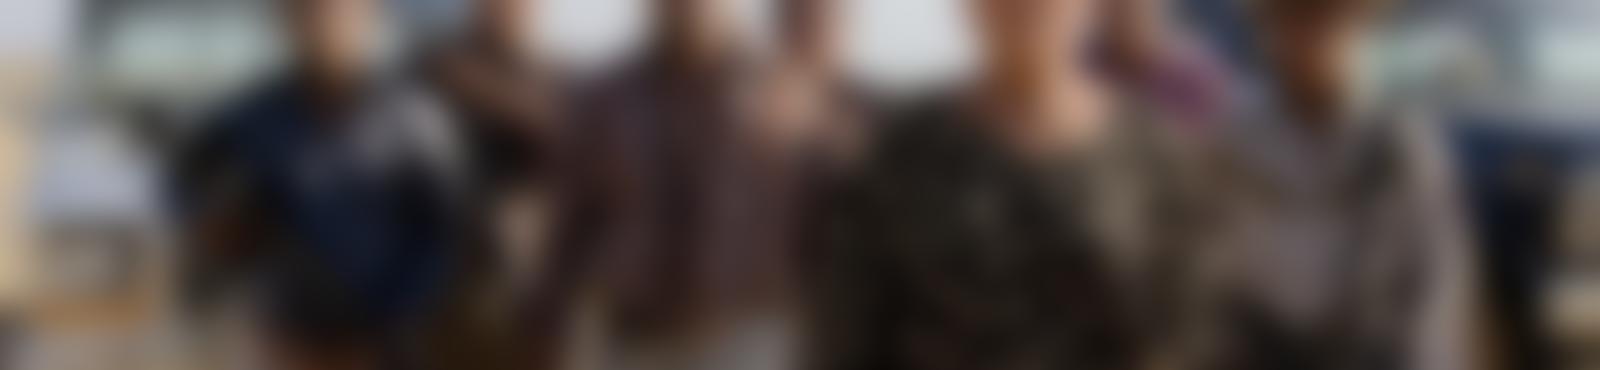 Blurred 3955f50e 7c68 429b a5cf cbb81b99147e